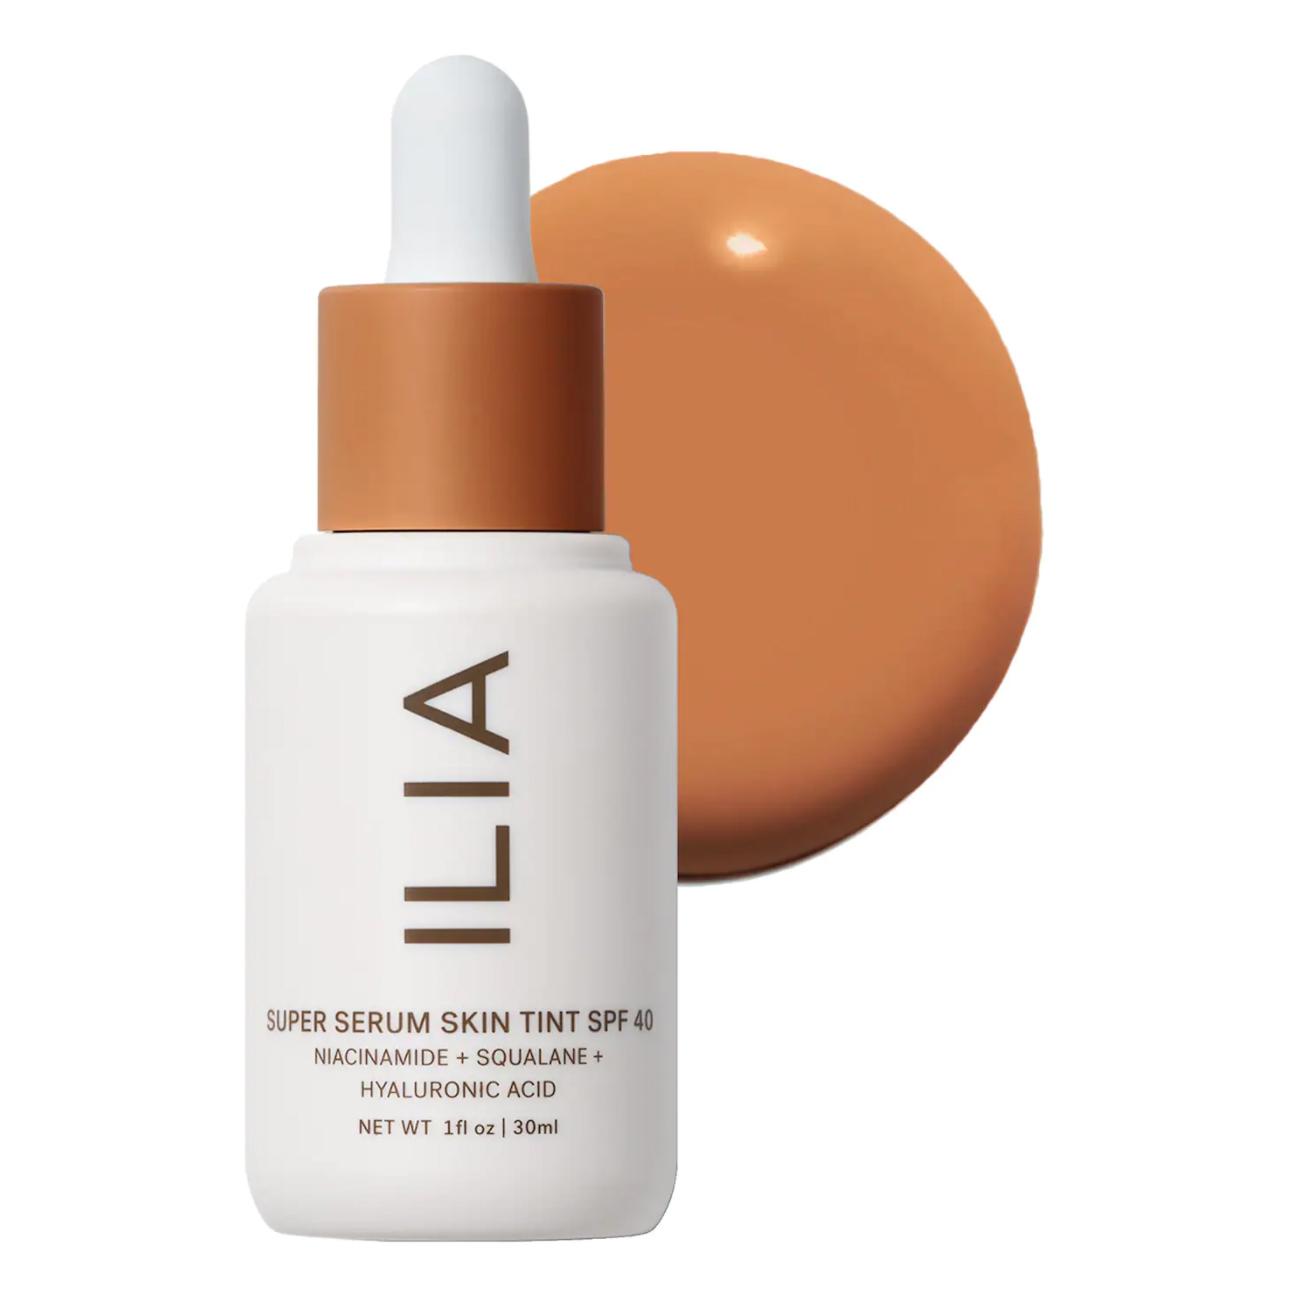 ILIA best tinted moisturizers 2021